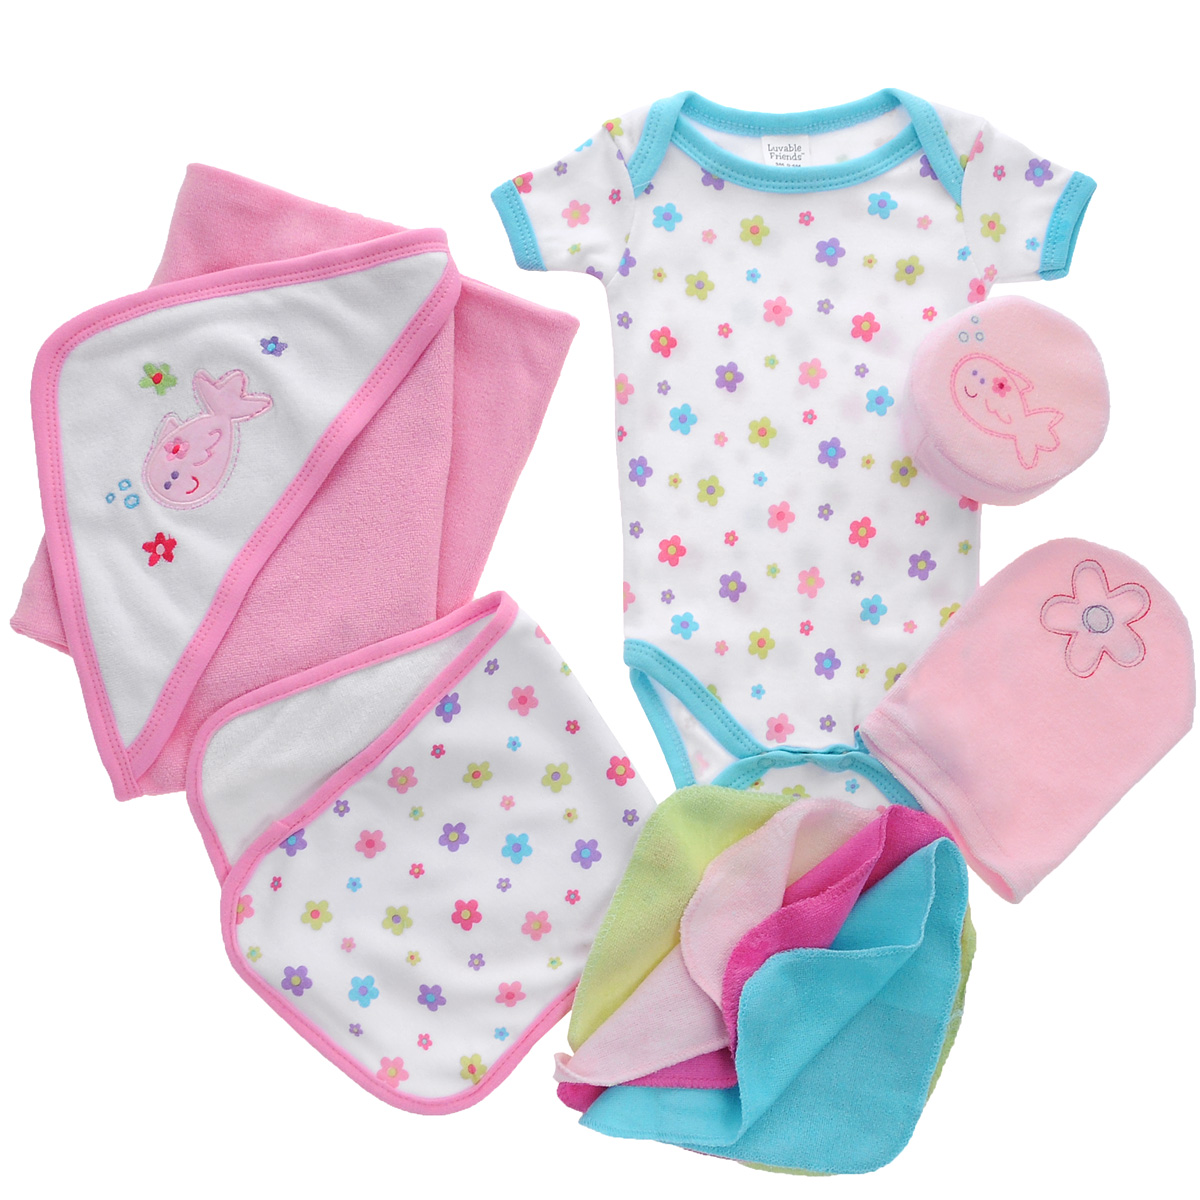 Подарочный комплект для ванны для новорожденного Luvable Friends, цвет: розовый, 9 предметов. 07074. Размер 0/6мес07074Комплект для ванны для новорожденного Luvable Friends - это замечательный подарок, который прекрасно подойдет для первых дней жизни малыша. Комплект состоит из боди, полотенца с уголком, рукавички, мочалки, маленького полотенчика и четырех салфеток для мытья.Изготовленный из хлопка, он необычайно мягкий и приятный на ощупь, не сковывает движения малыша и позволяет коже дышать, не раздражает даже самую нежную и чувствительную кожу ребенка, обеспечивая ему наибольший комфорт. Удобное боди с круглым вырезом горловины и короткими рукавами имеет специальные запахи на плечах и кнопки на ластовице, что значительно облегчает процесс переодевания ребенка и смену подгузника. Махровое полотенце с уголком идеально подходит для ухода за ребенком после купания, так как позволяет полностью завернуть малыша и защитить его от простуды. Оно очень мягкое и приятное на ощупь, обладает легким массирующим эффектом, отлично впитывает влагу и быстро сохнет. Капюшон декорирован вышивкой-аппликацией. Мочалка обеспечивает мягкий уход за кожей малыша при купании, отлично взбивает мыльную пену. Рукавичка, салфетки и маленькое полотенчико также незаменимы при купании младенца. Все предметы комплекта упакованы в подарочную коробку, перевязанную атласной ленточкой.